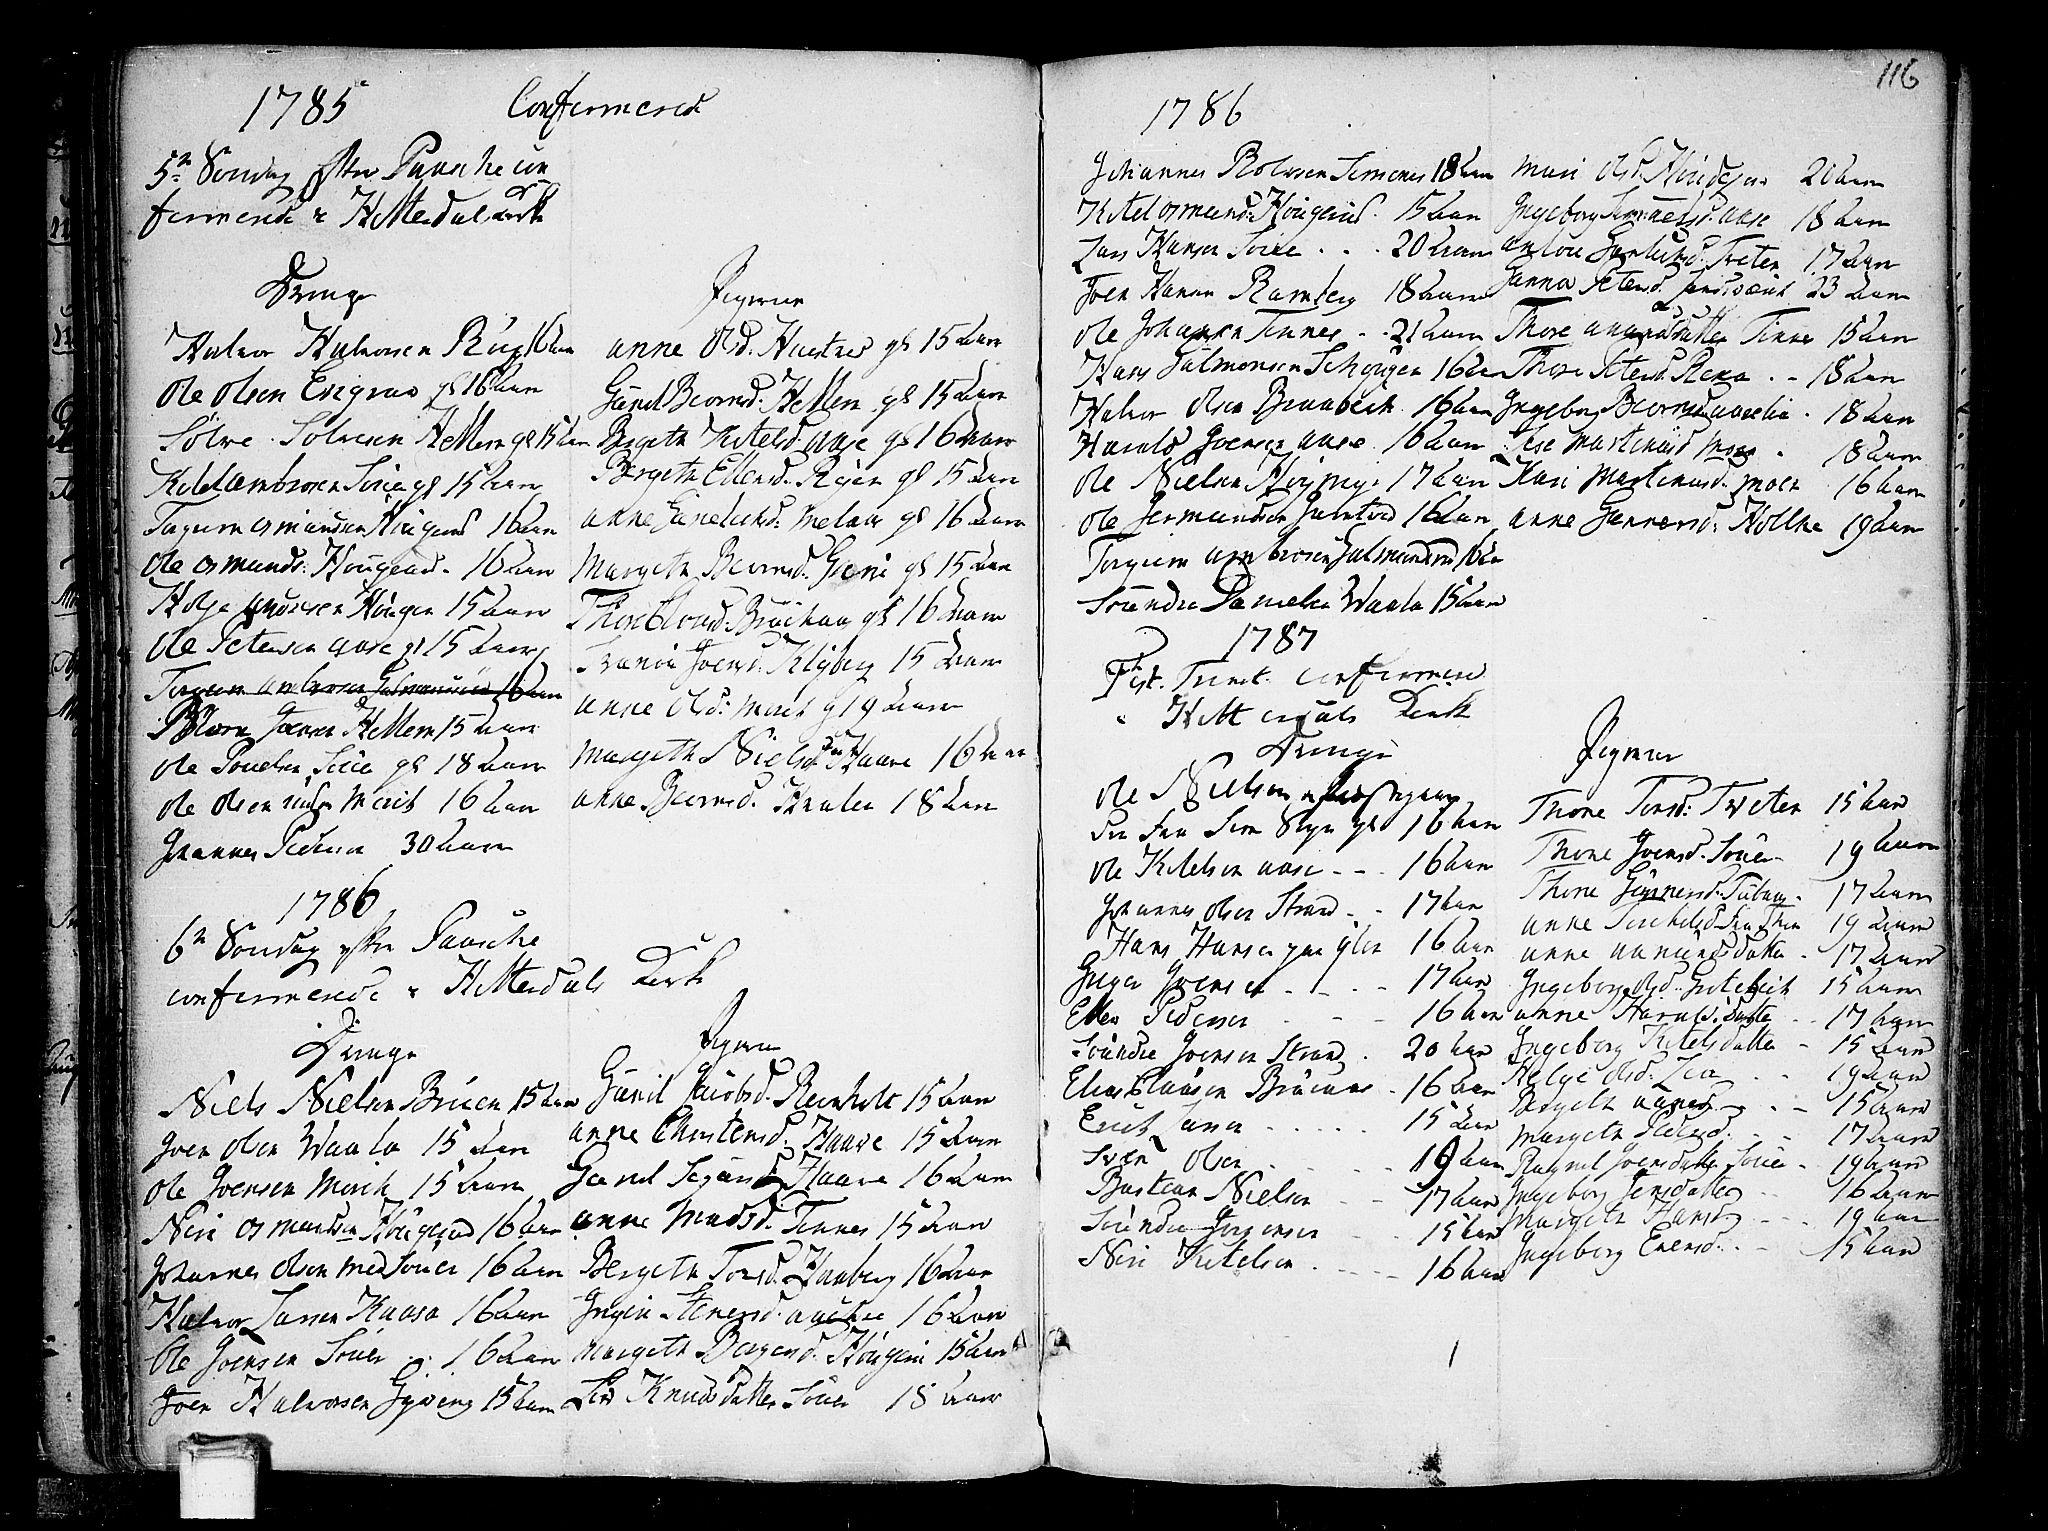 SAKO, Heddal kirkebøker, F/Fa/L0004: Ministerialbok nr. I 4, 1784-1814, s. 116